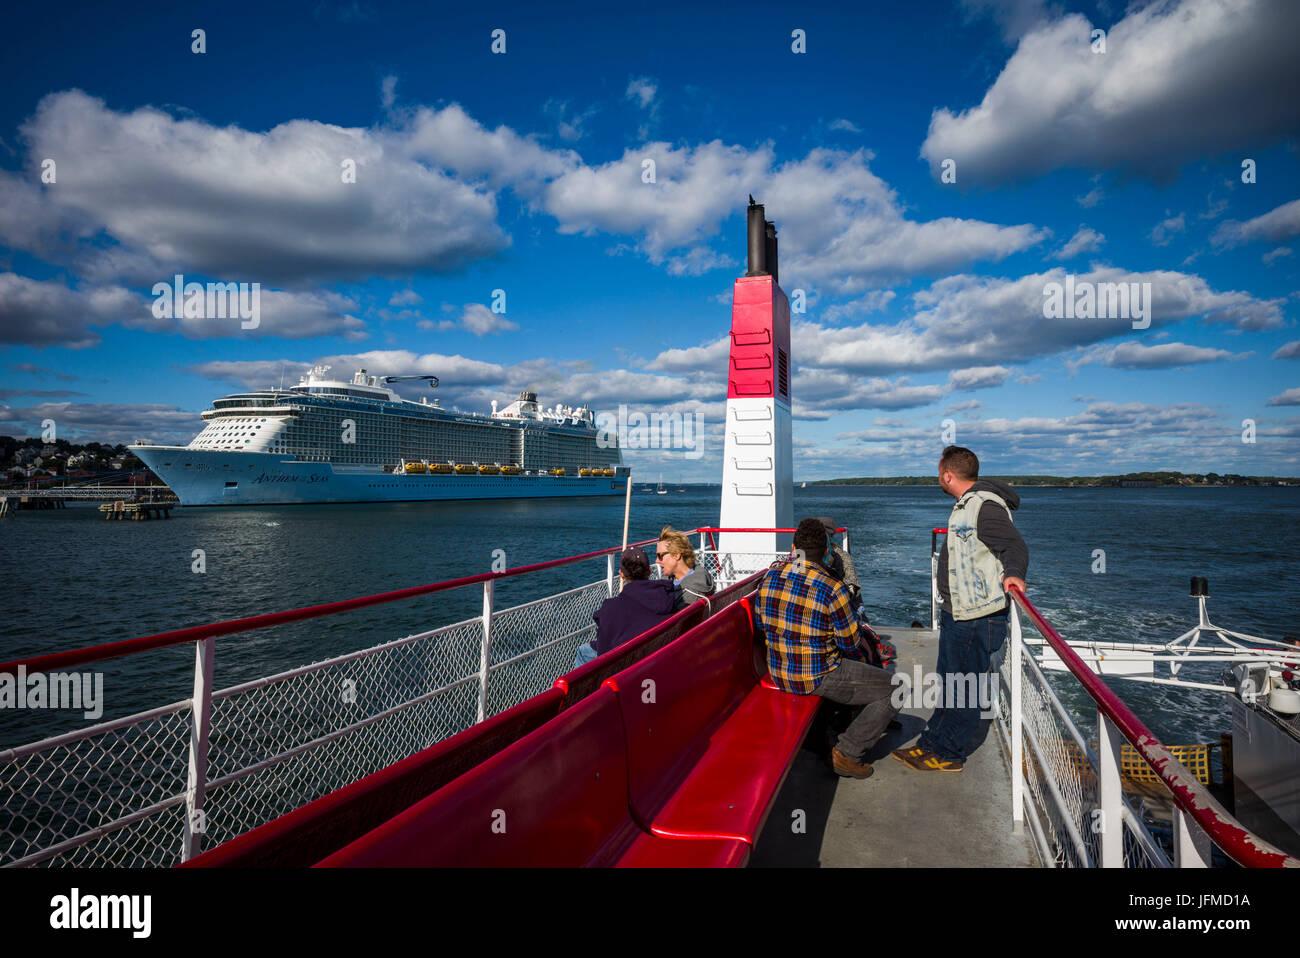 Casco Bay Ferry Stockfotos & Casco Bay Ferry Bilder - Alamy